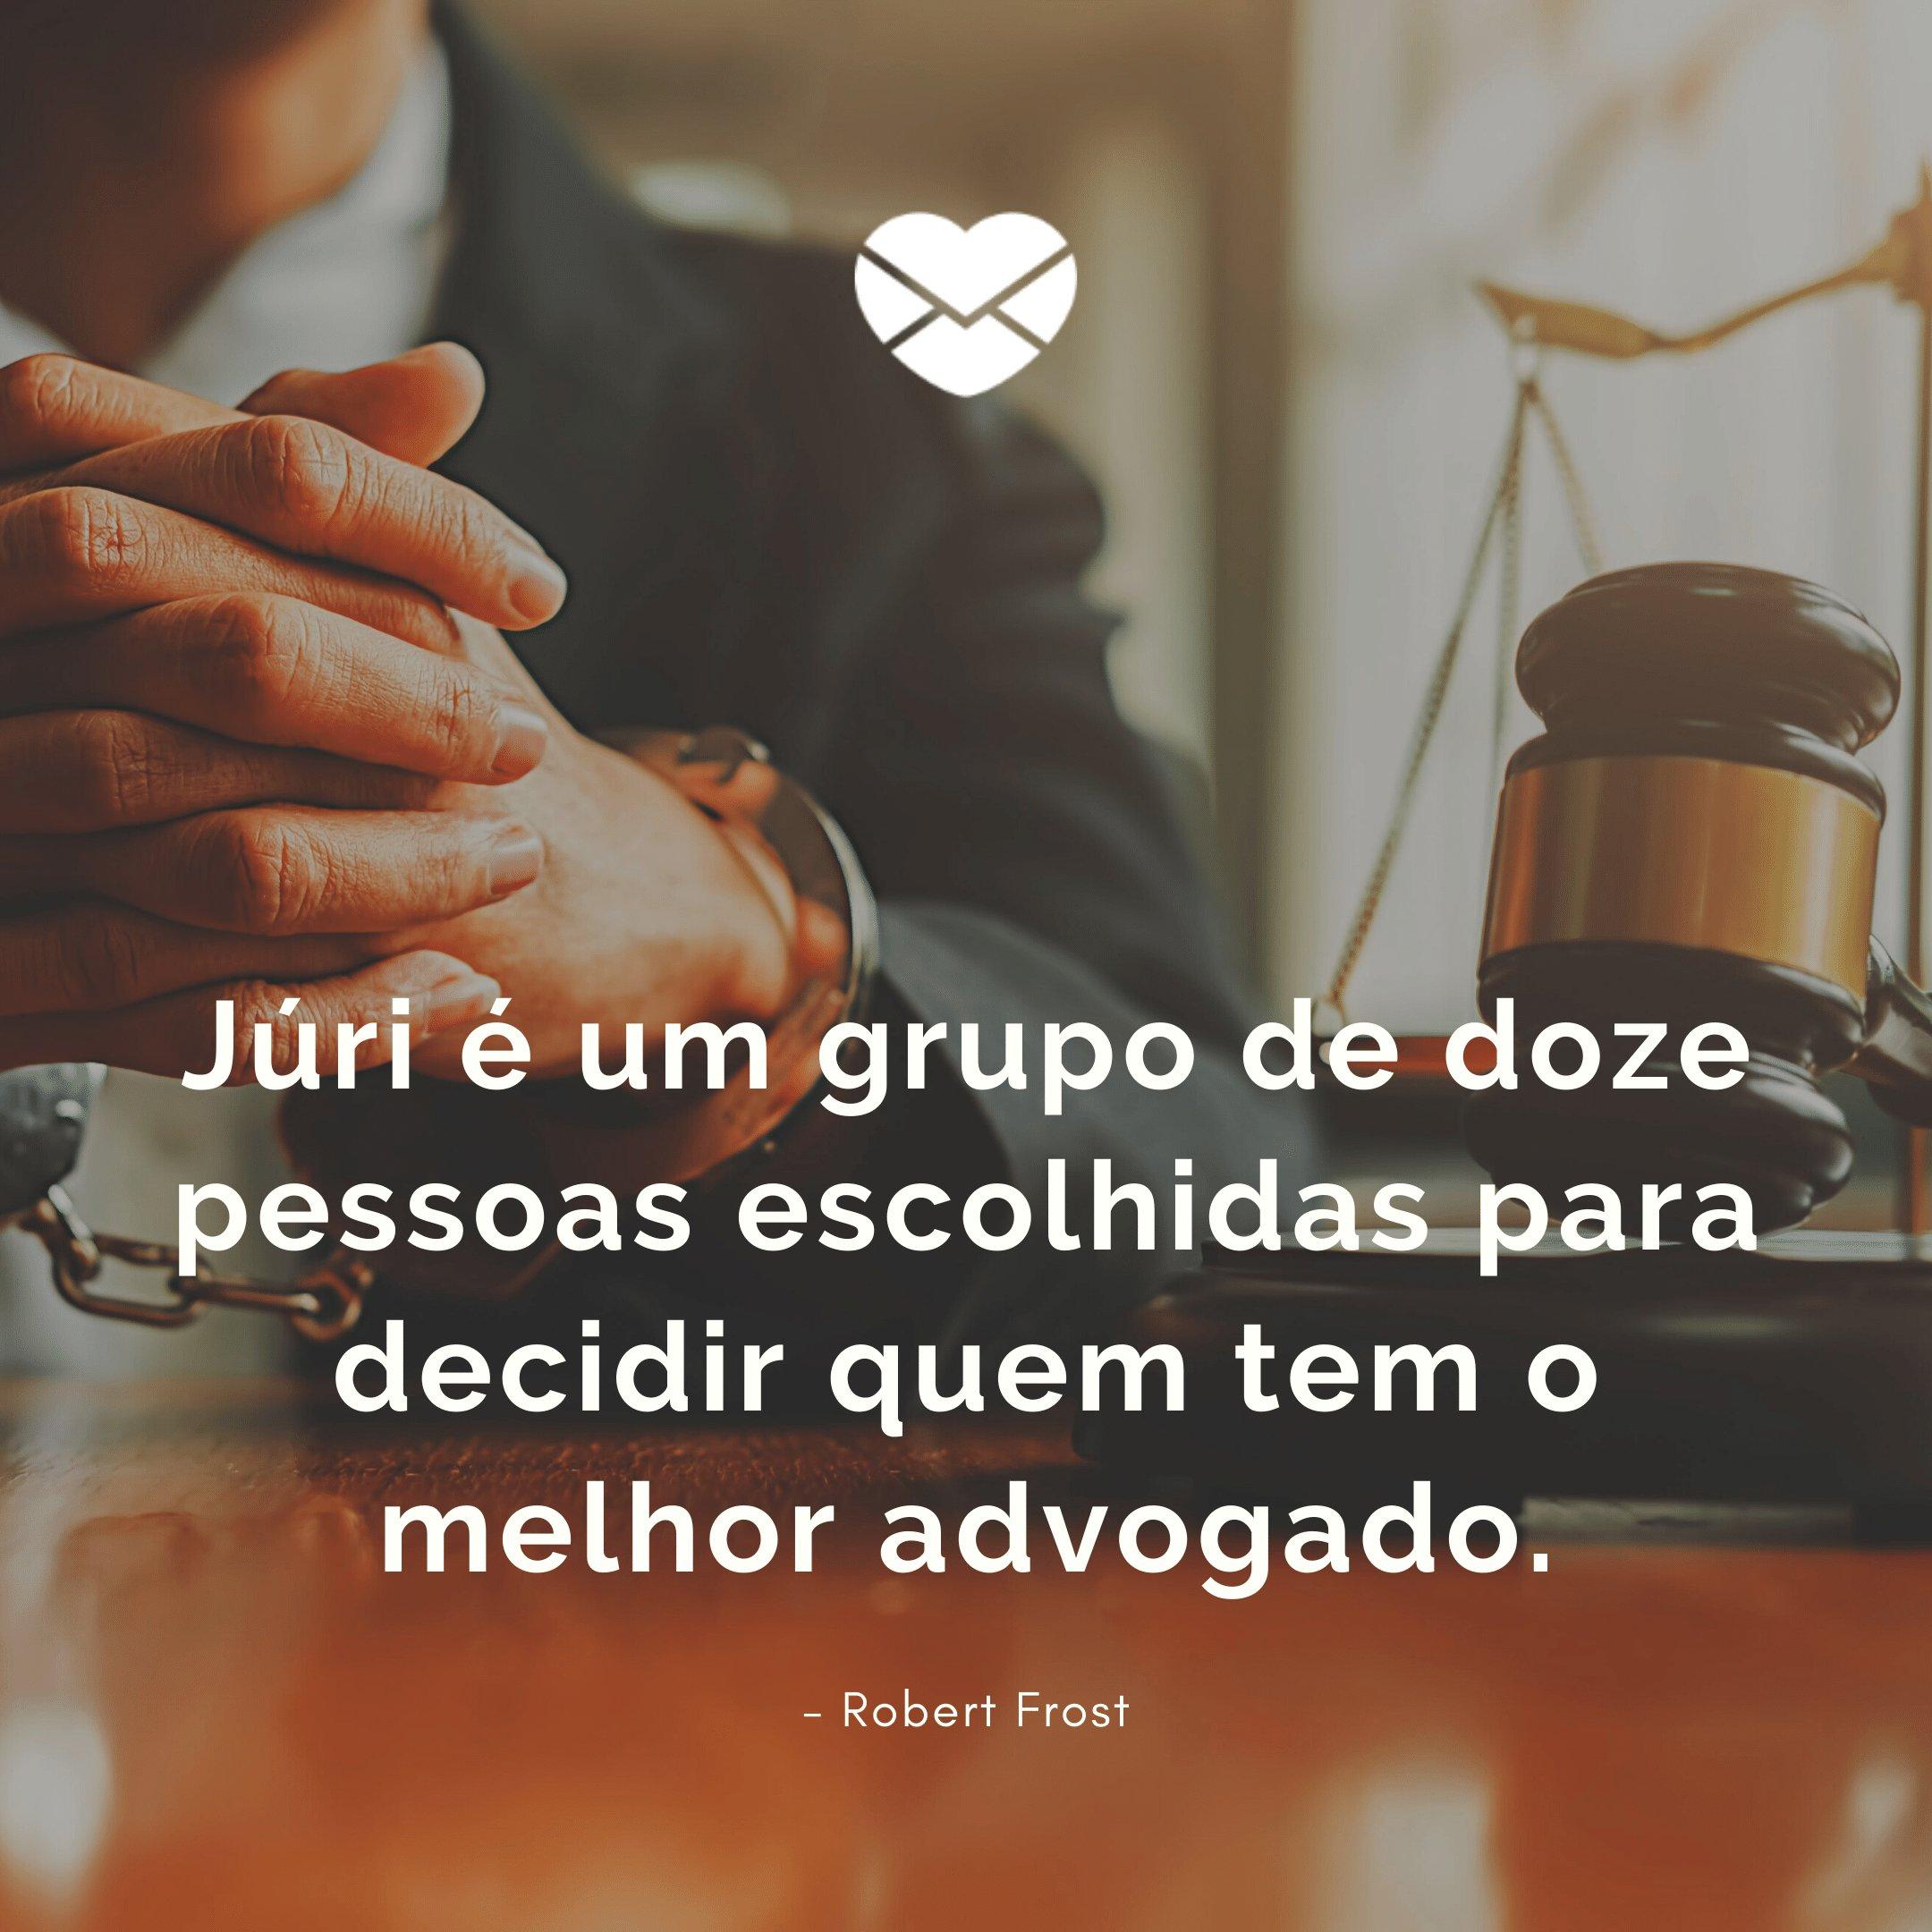 'Júri é um grupo de doze pessoas escolhidas para decidir quem tem o melhor advogado. - Robert Frost' - Homenagem, mensagem e frases para Dia do Advogado